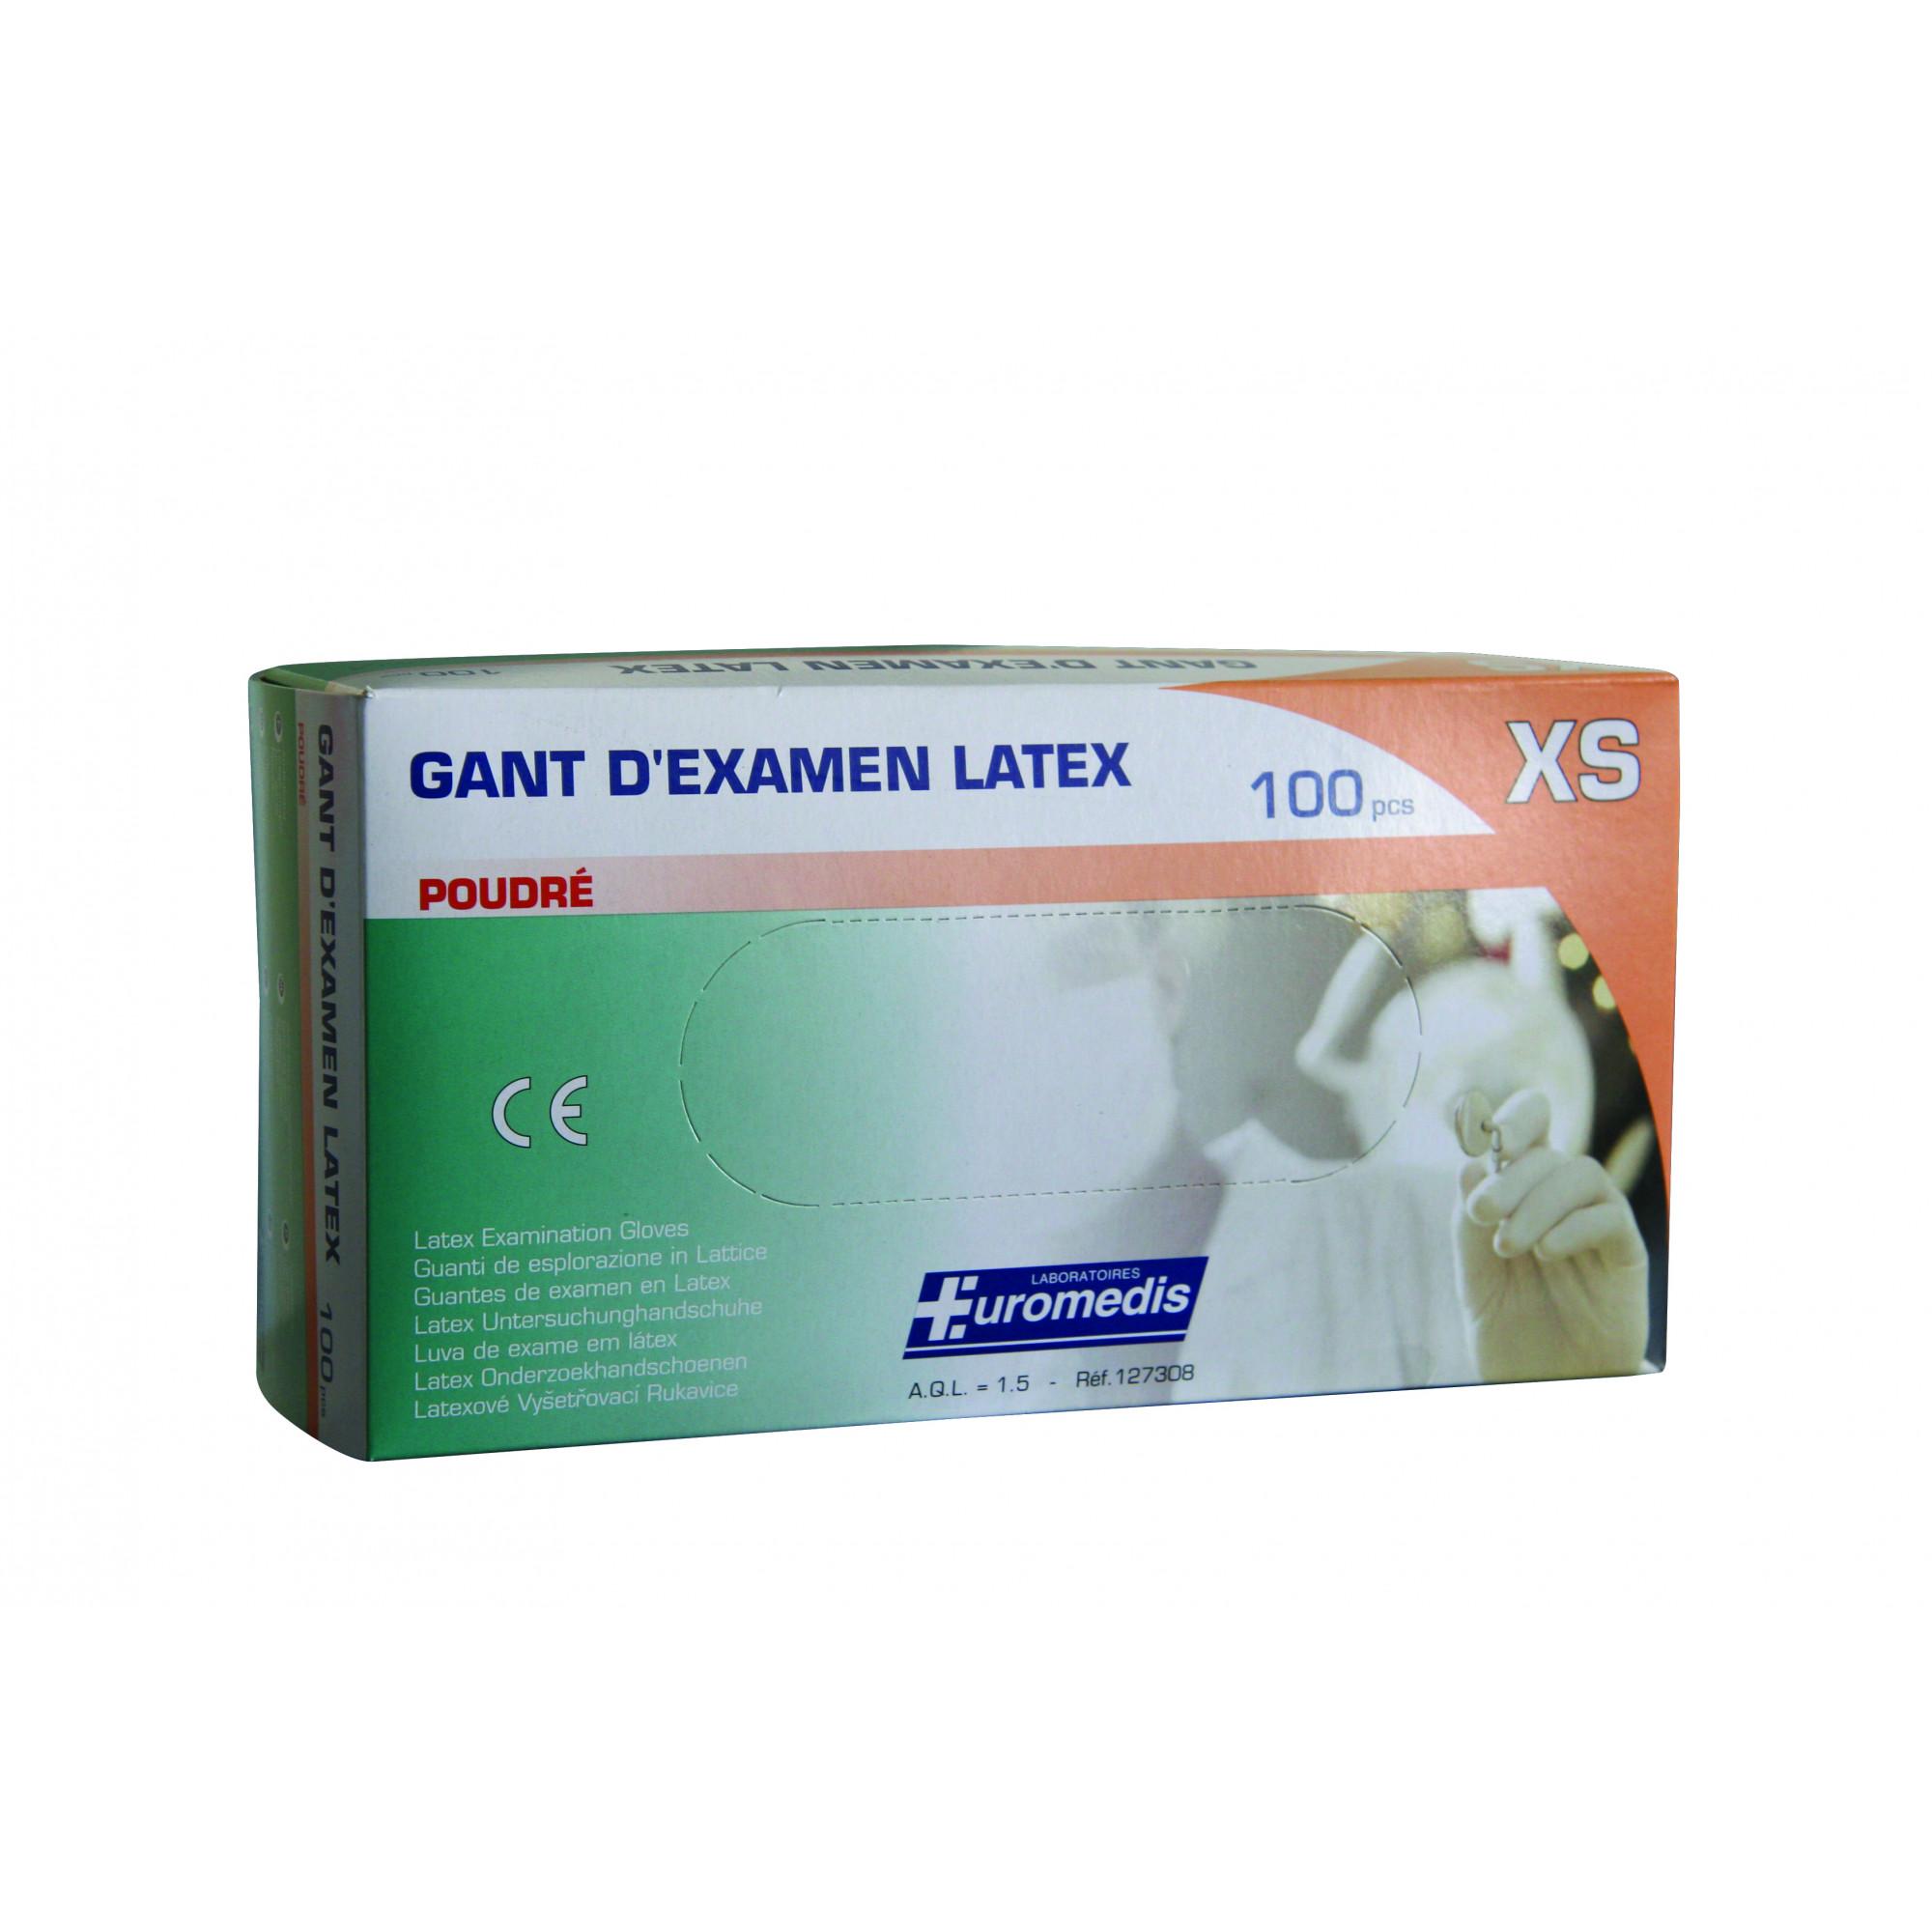 Gants d'examen - Latex - Pré-poudrés - Ambidextres - Boite de 100 - Euromédis